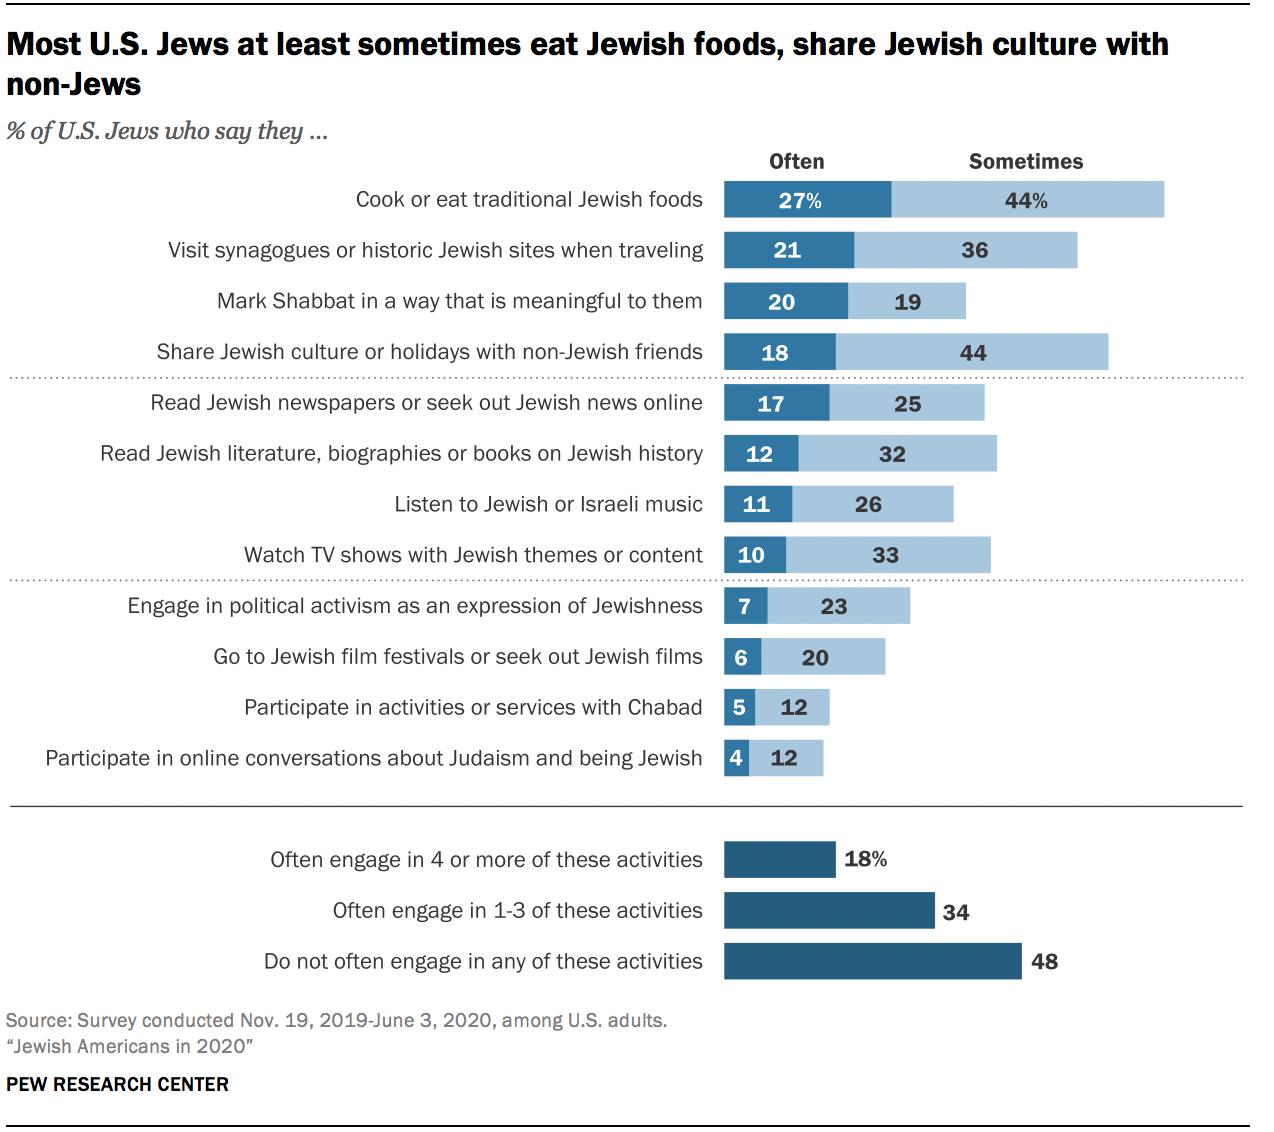 Most U.S. Jews at least sometimes eat Jewish foods, share Jewish culture with non-Jews